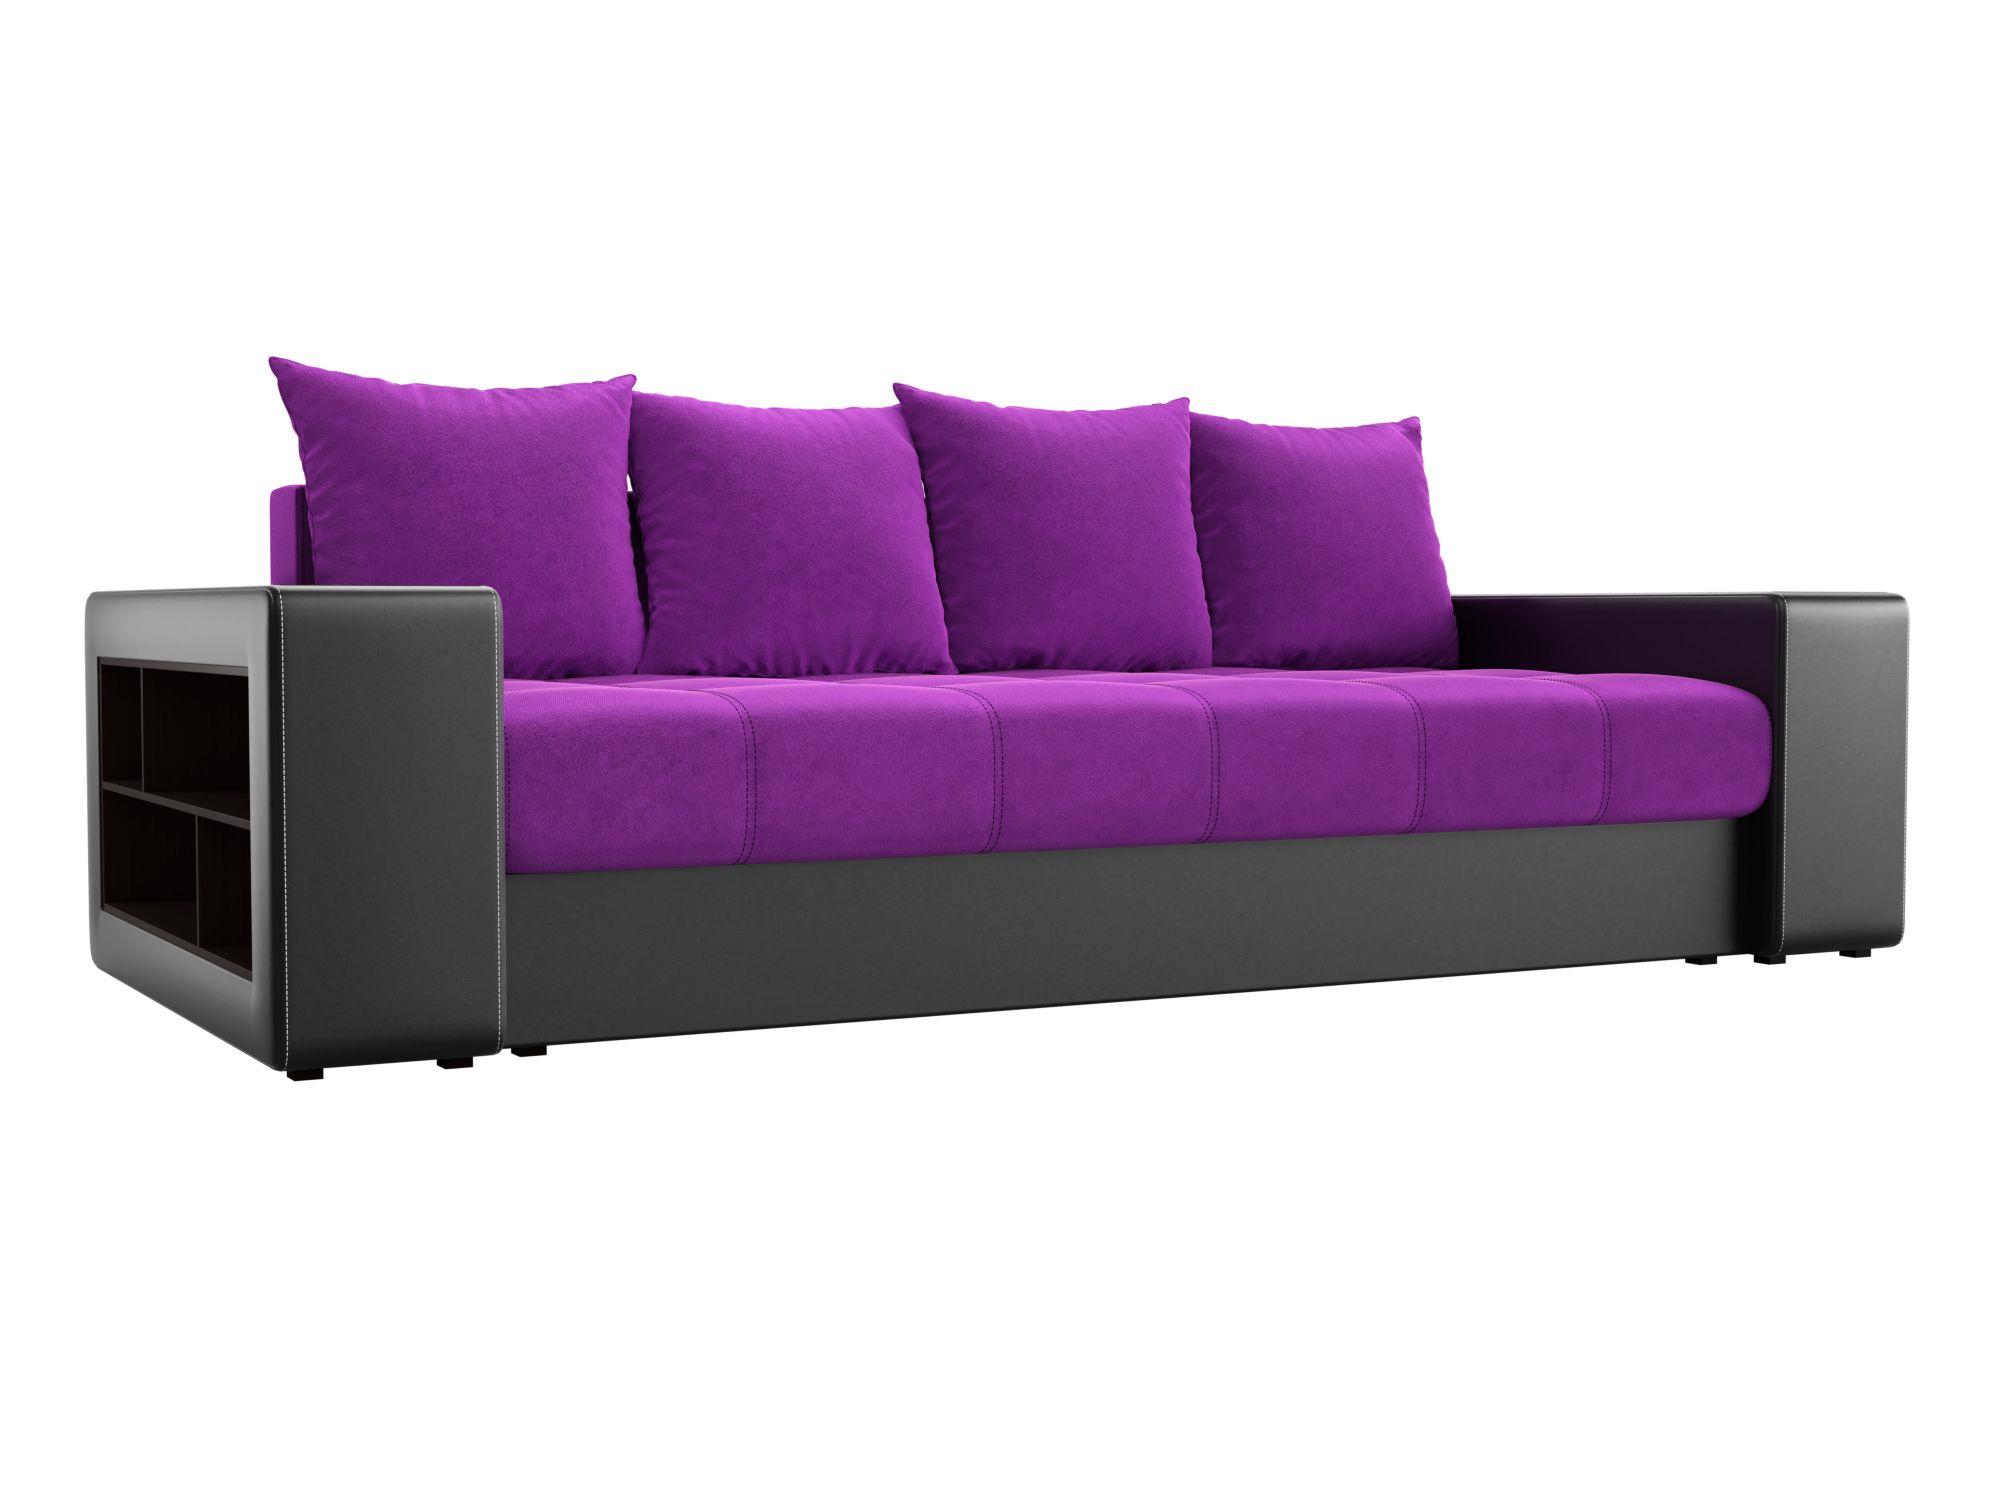 Диван прямой Лига Диванов Дубай микровельвет фиолетовый/ эко кожа черный